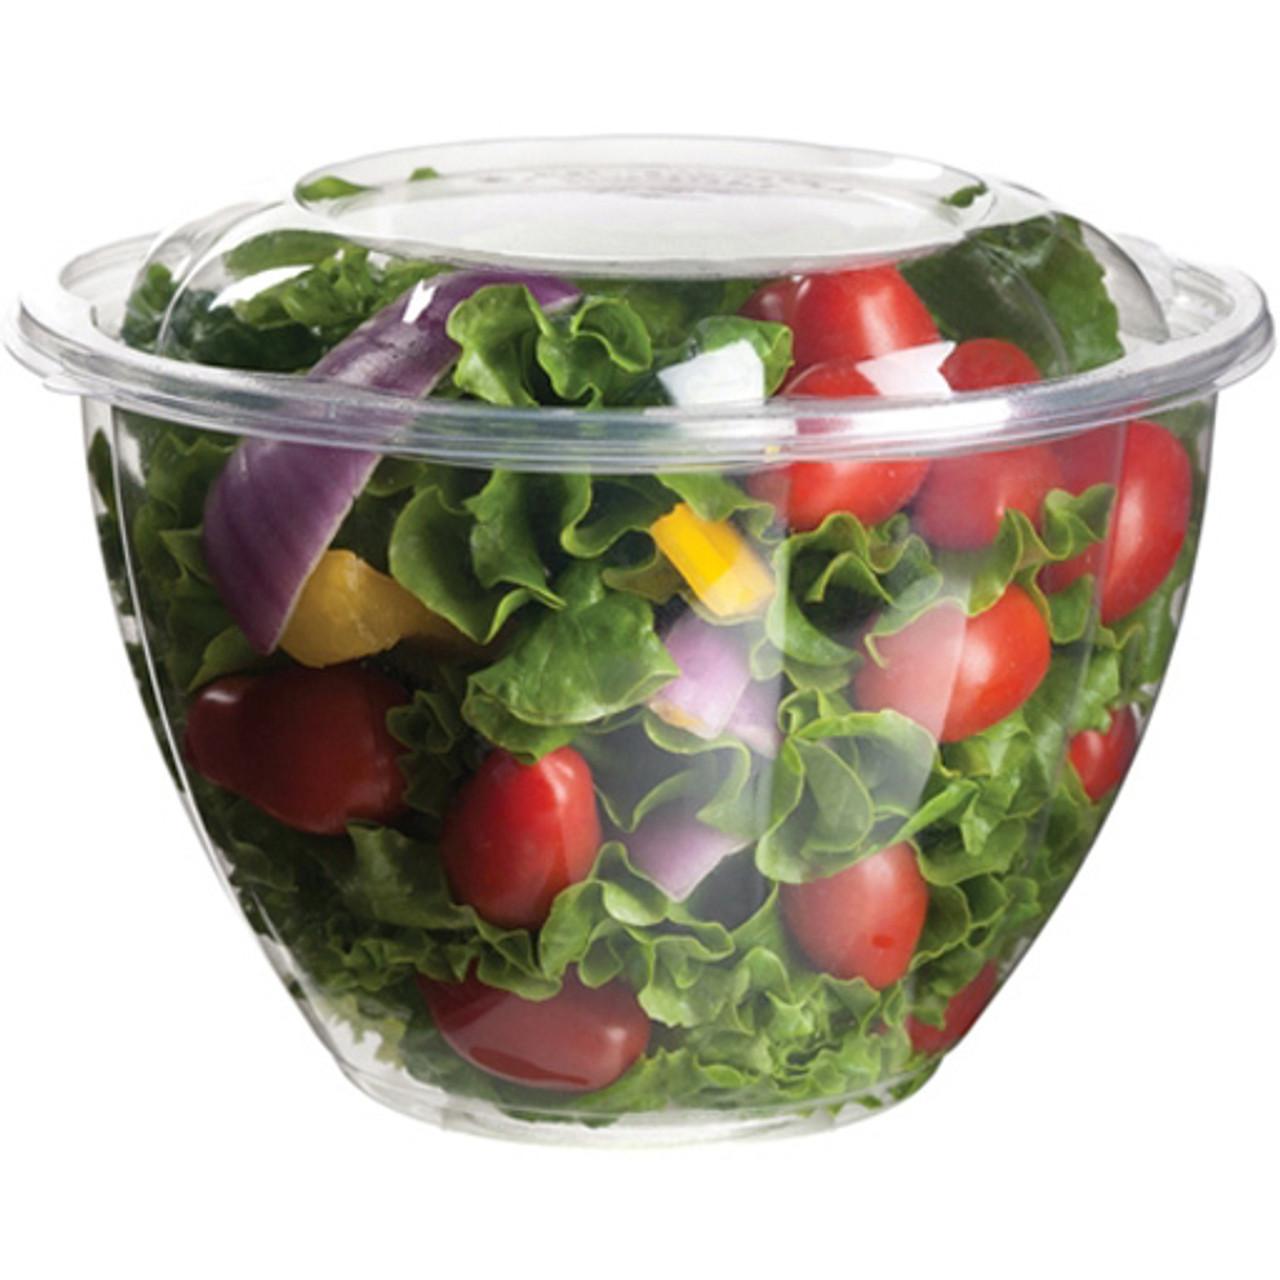 Floral Salad Bowl Base - 48 oz